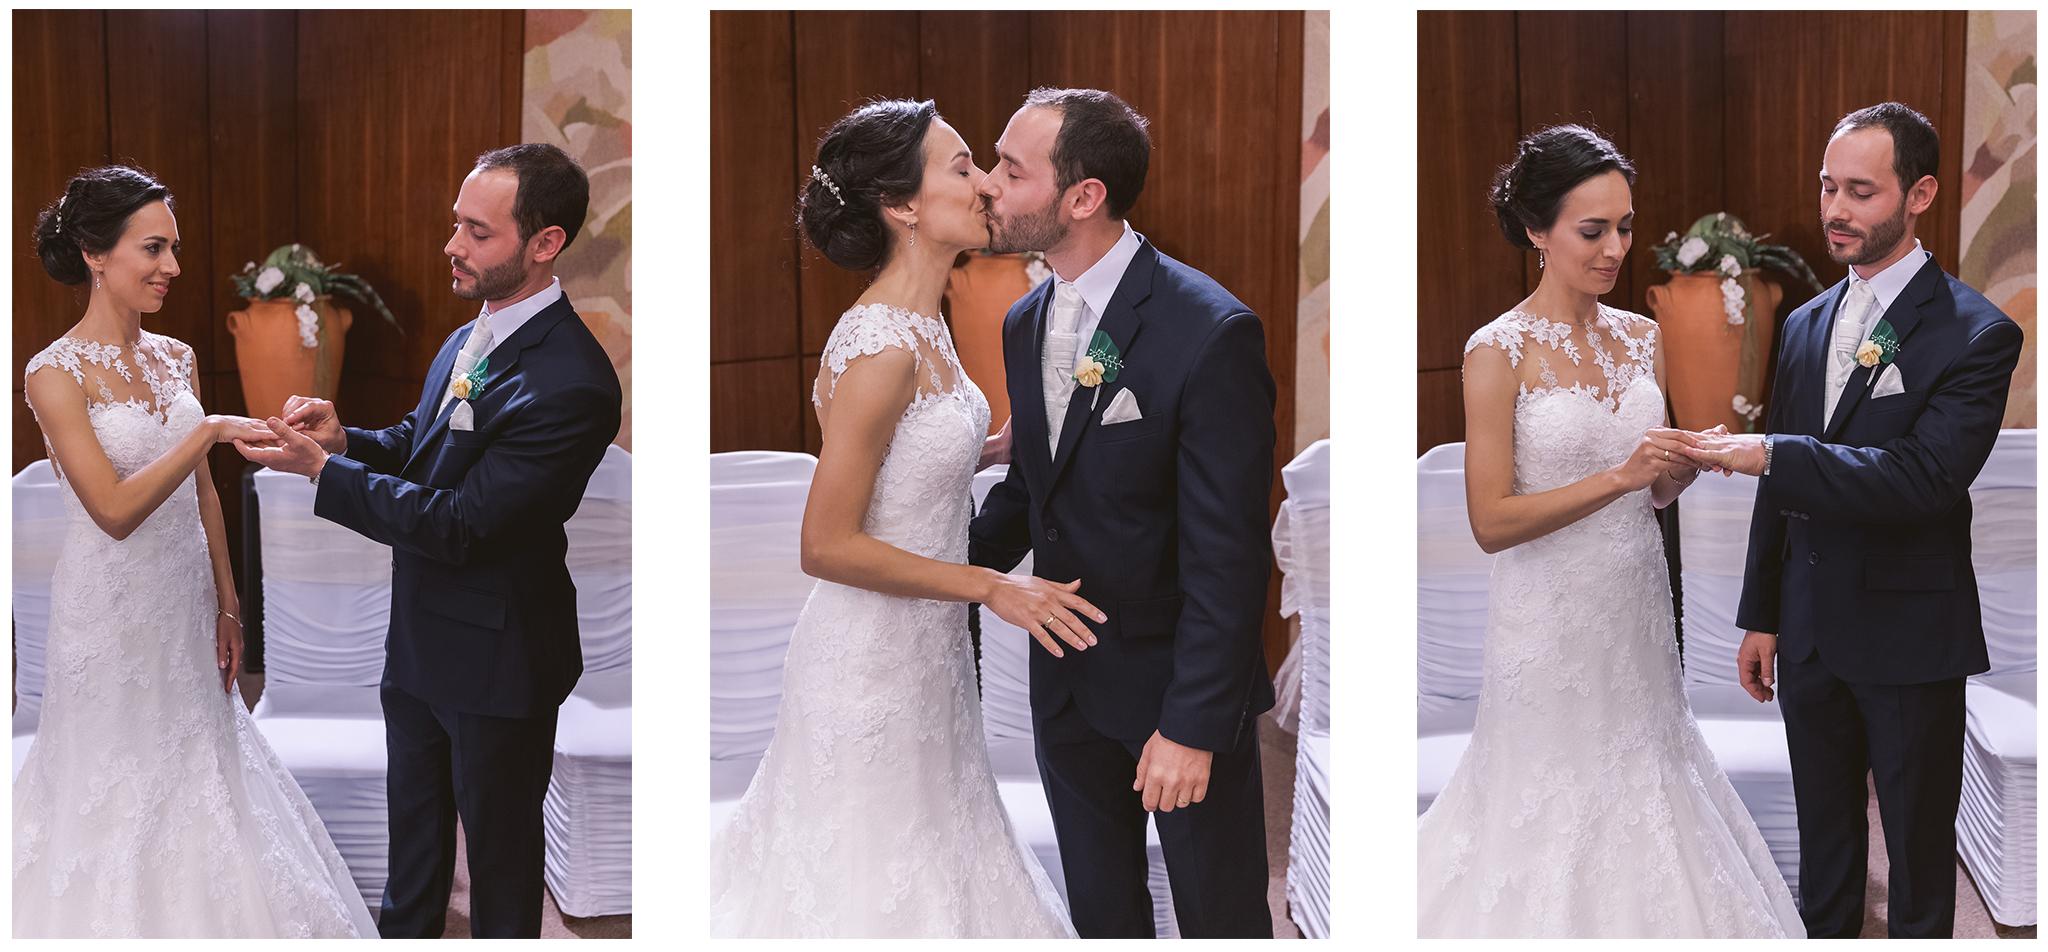 FylepPhoto, esküvőfotós, esküvői fotós Körmend, Szombathely, esküvőfotózás, magyarország, vas megye, prémium, jegyesfotózás, Fülöp Péter, körmend, kreatív, fotográfus_025.jpg